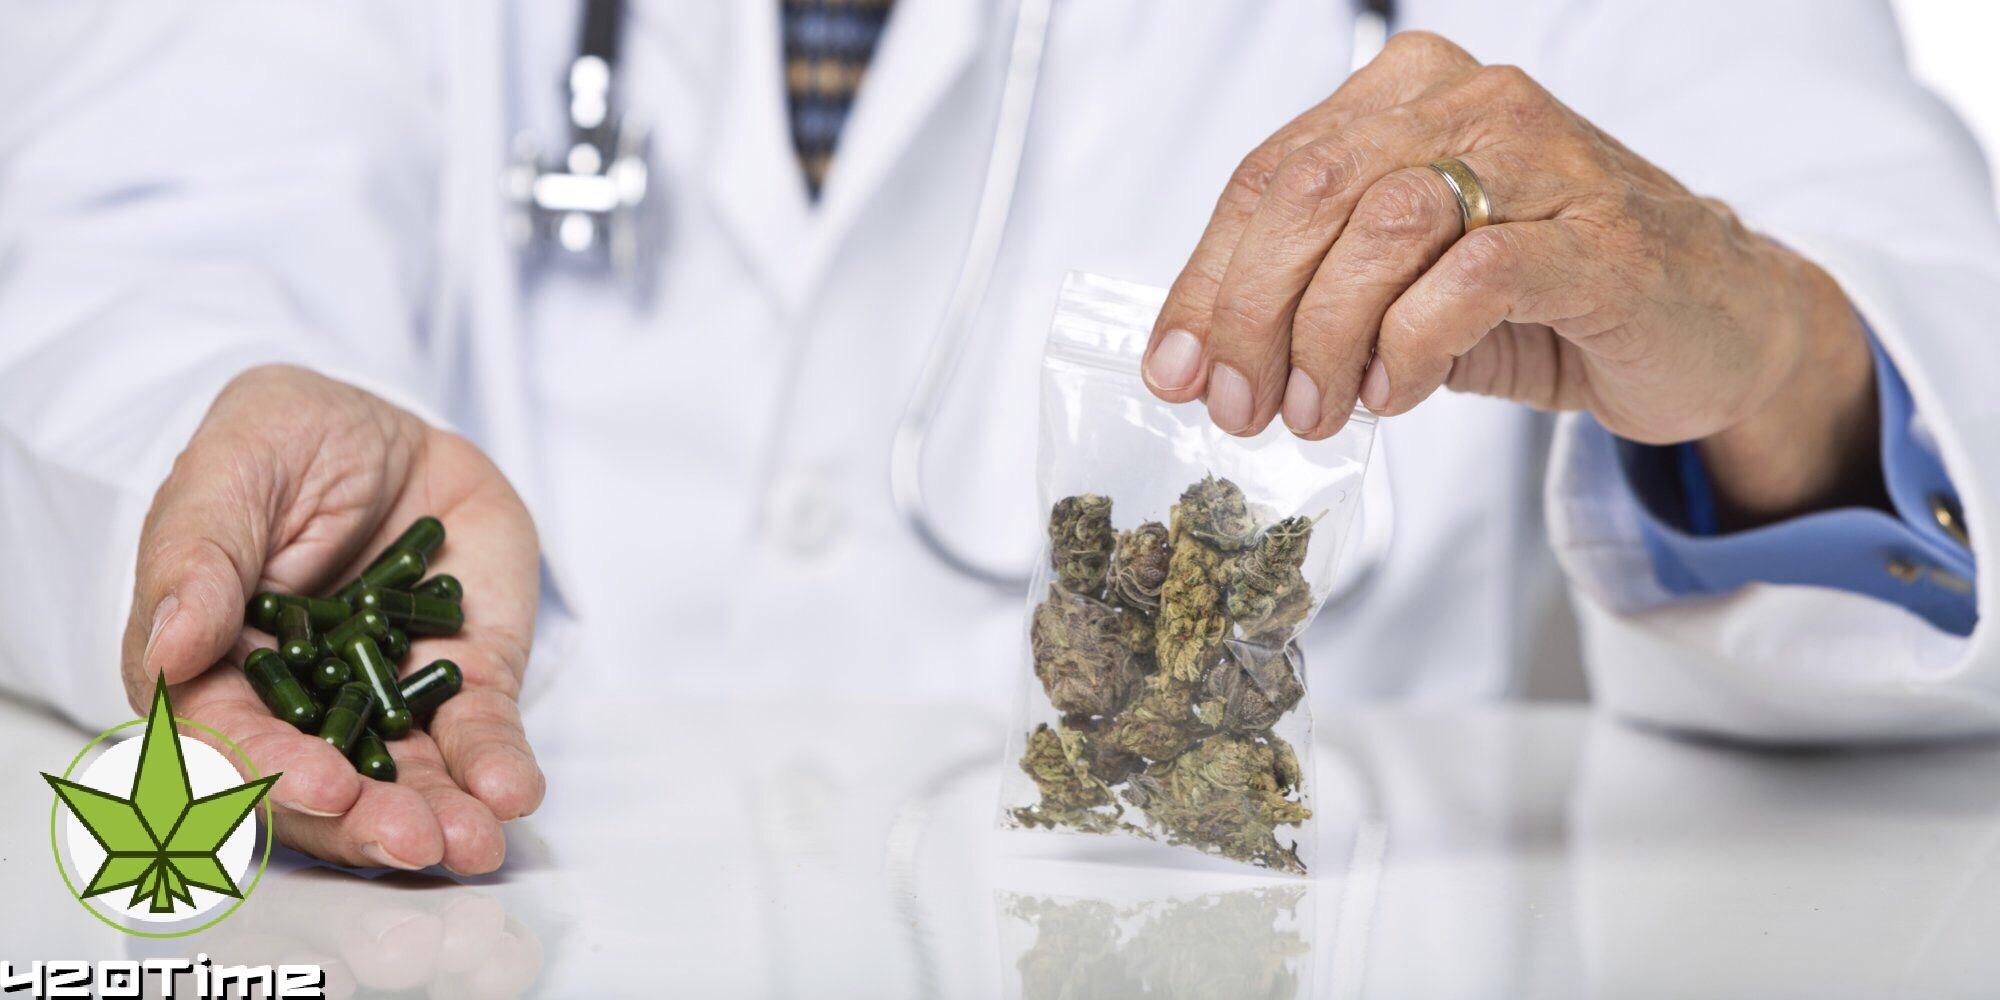 Можно курить марихуану при употребление антибиотиков скачать марихуана обои